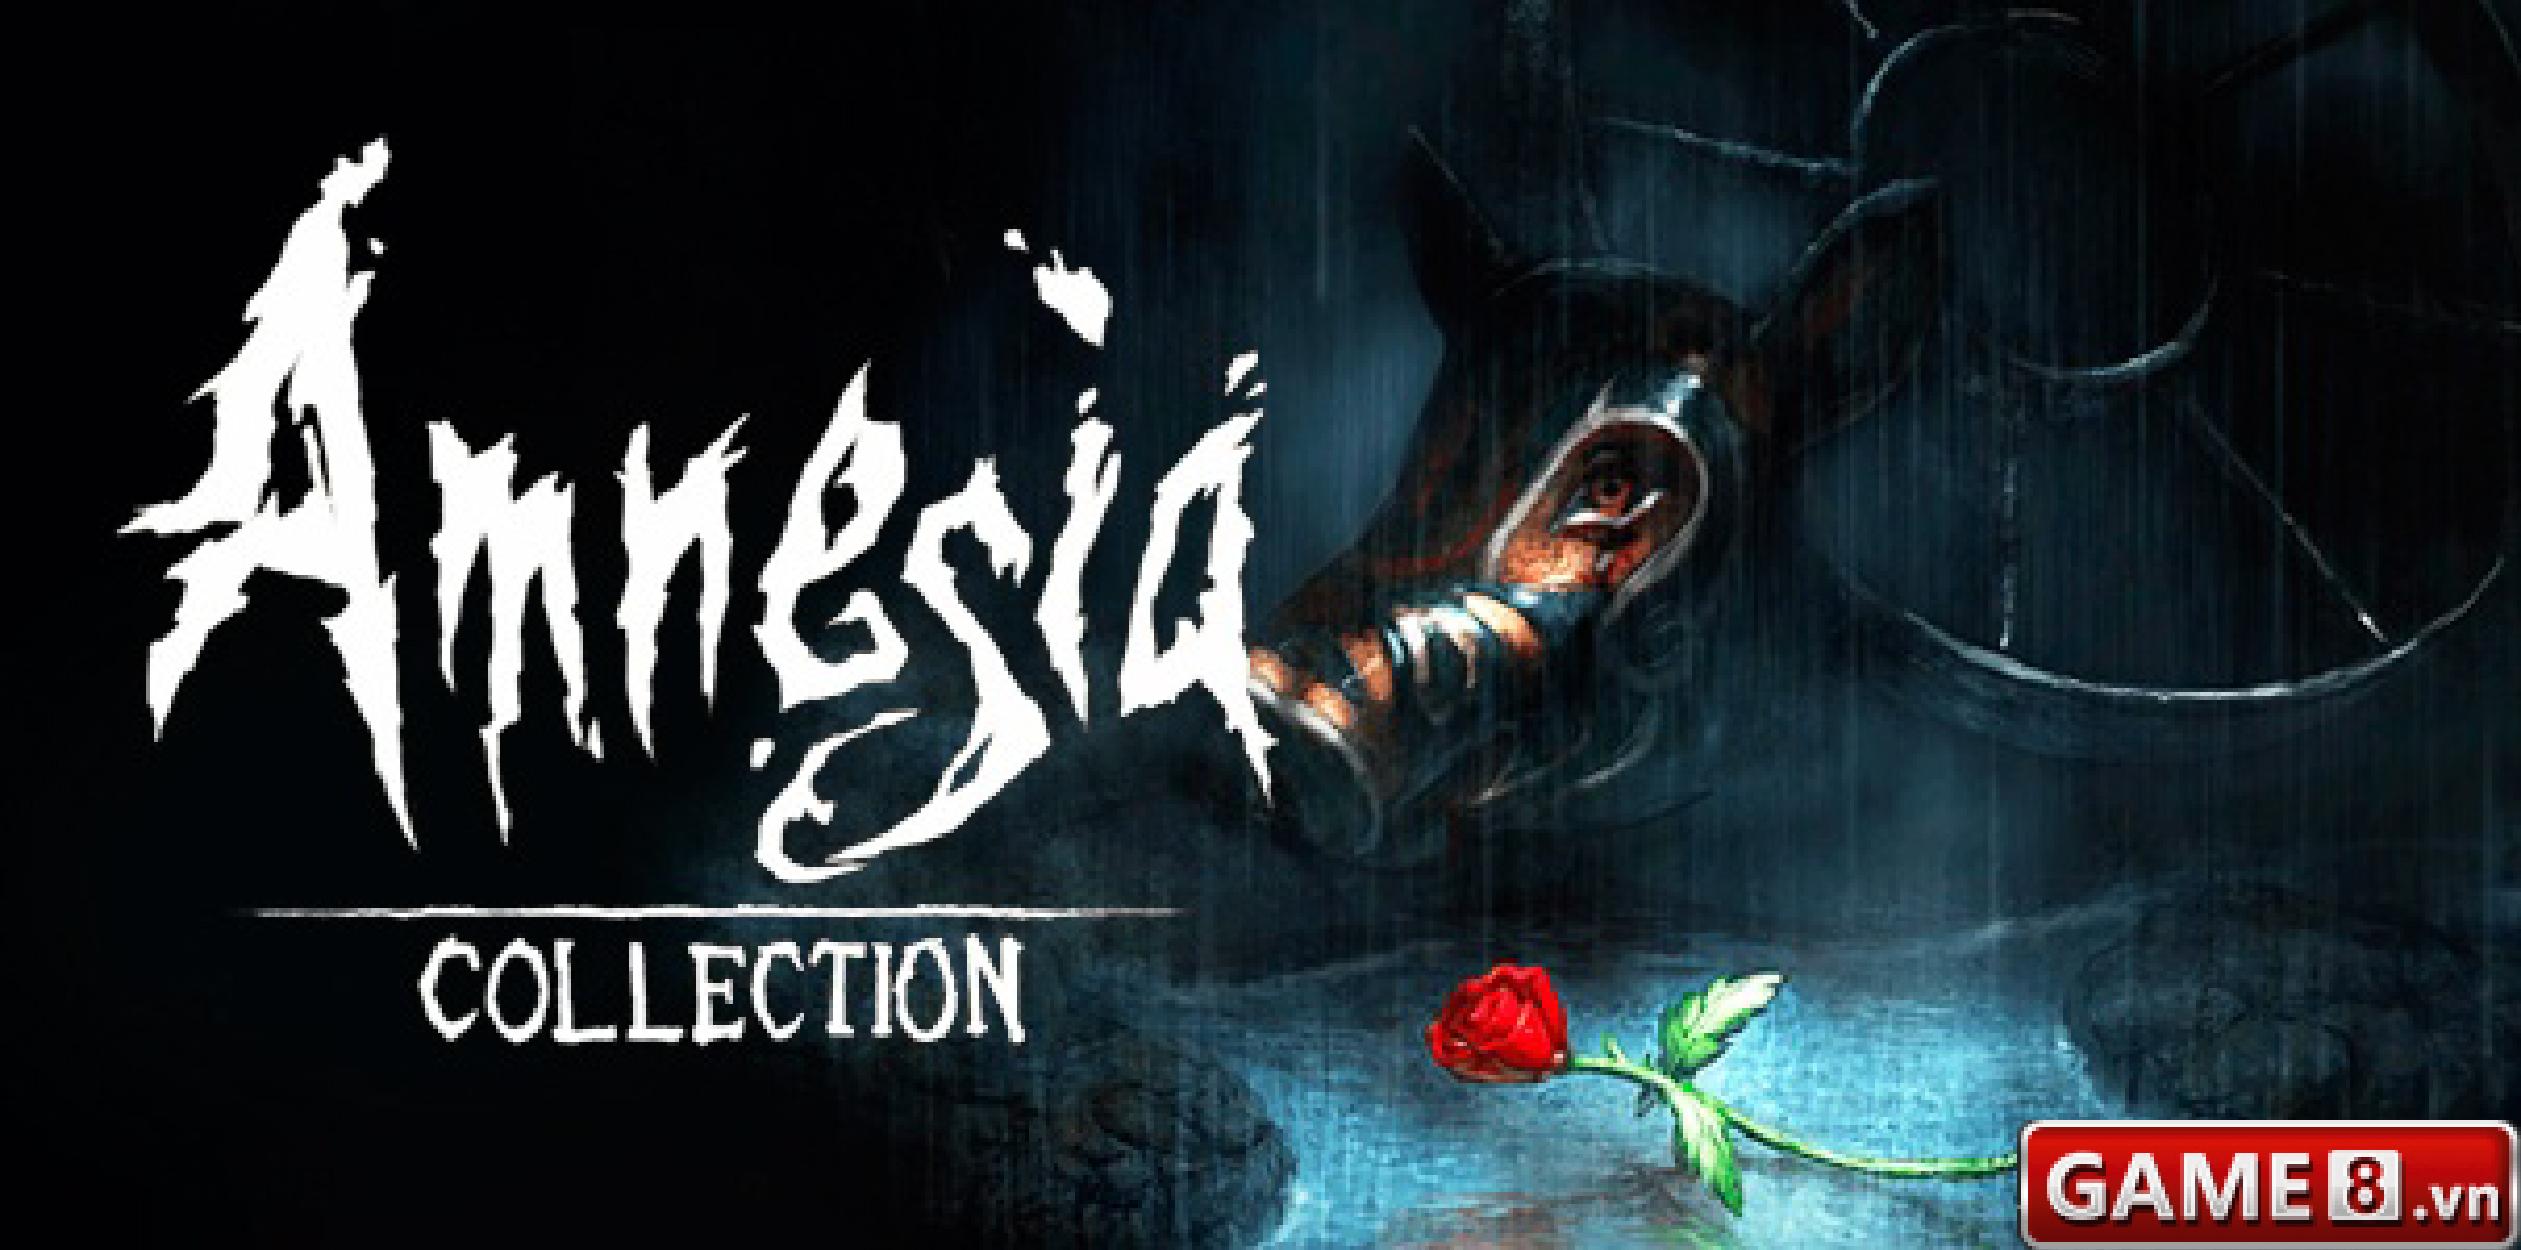 Game hot trong tuần - Số 3: Tượng đài game kinh dị Amnesia chính thức xuất hiện trên PS4 - ảnh 1